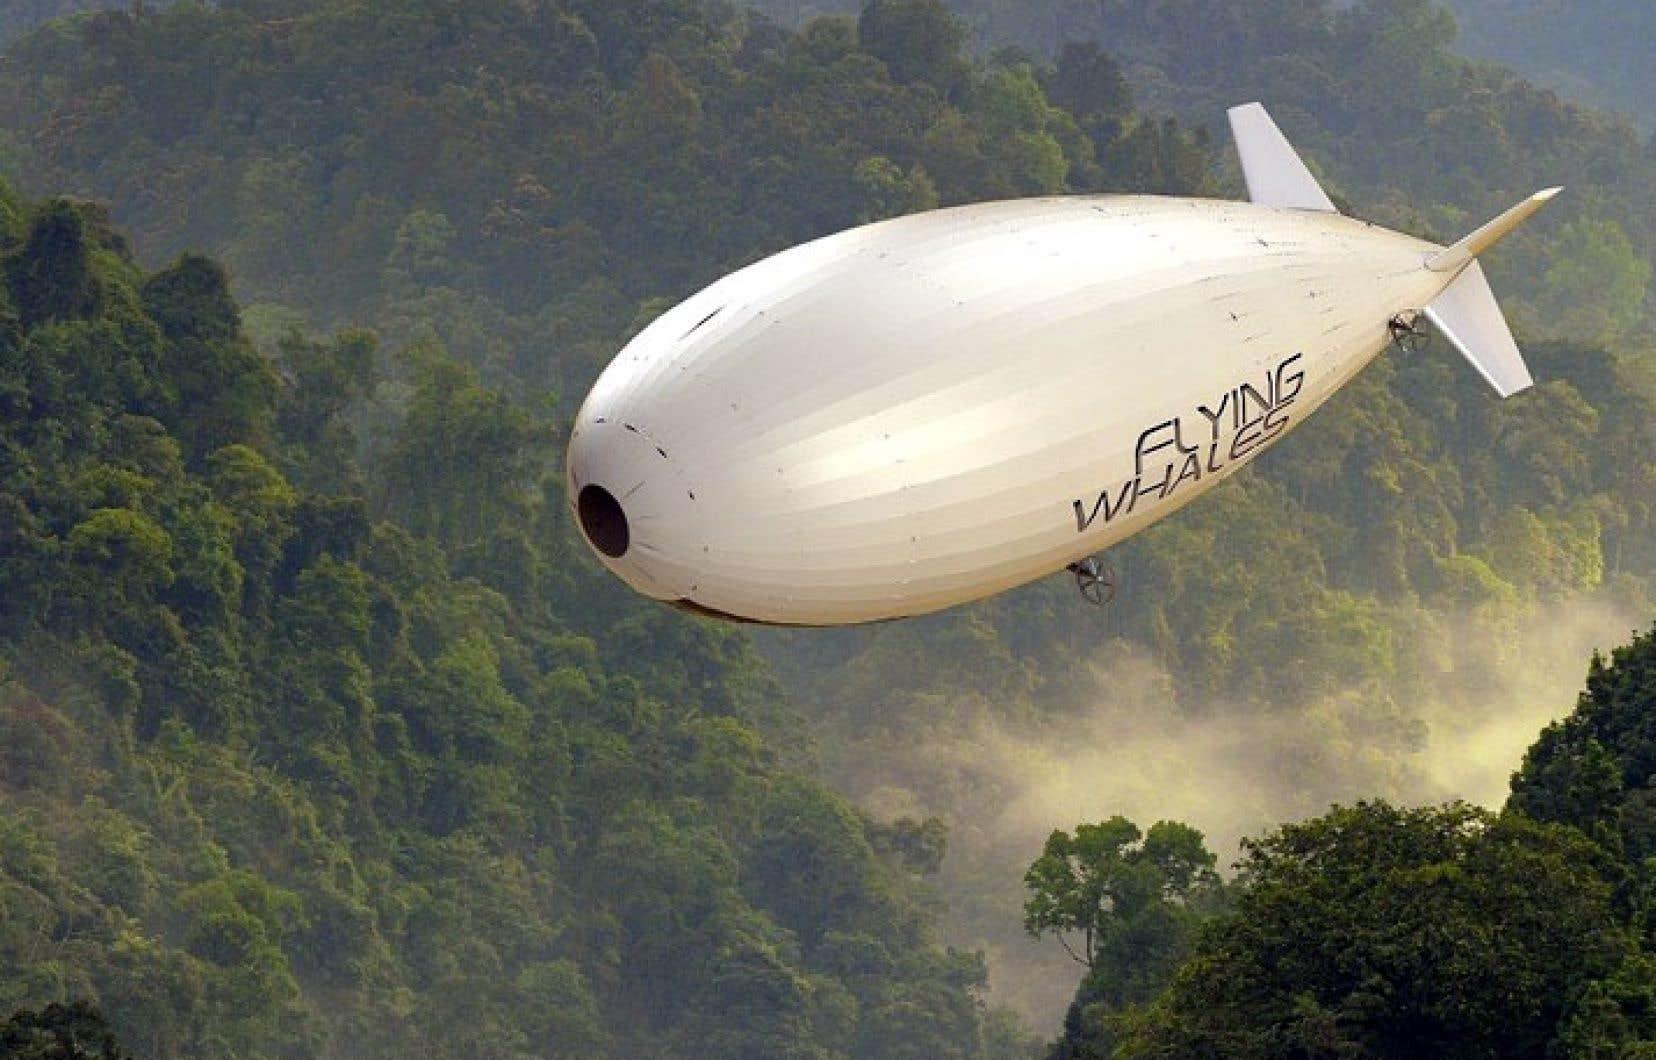 Les ballons dirigeables que prévoit de construire l'entreprise française Flying Whales seront capables de transporter des marchandises très lourdes, a indiqué le premier ministre du Québec, François Legault.